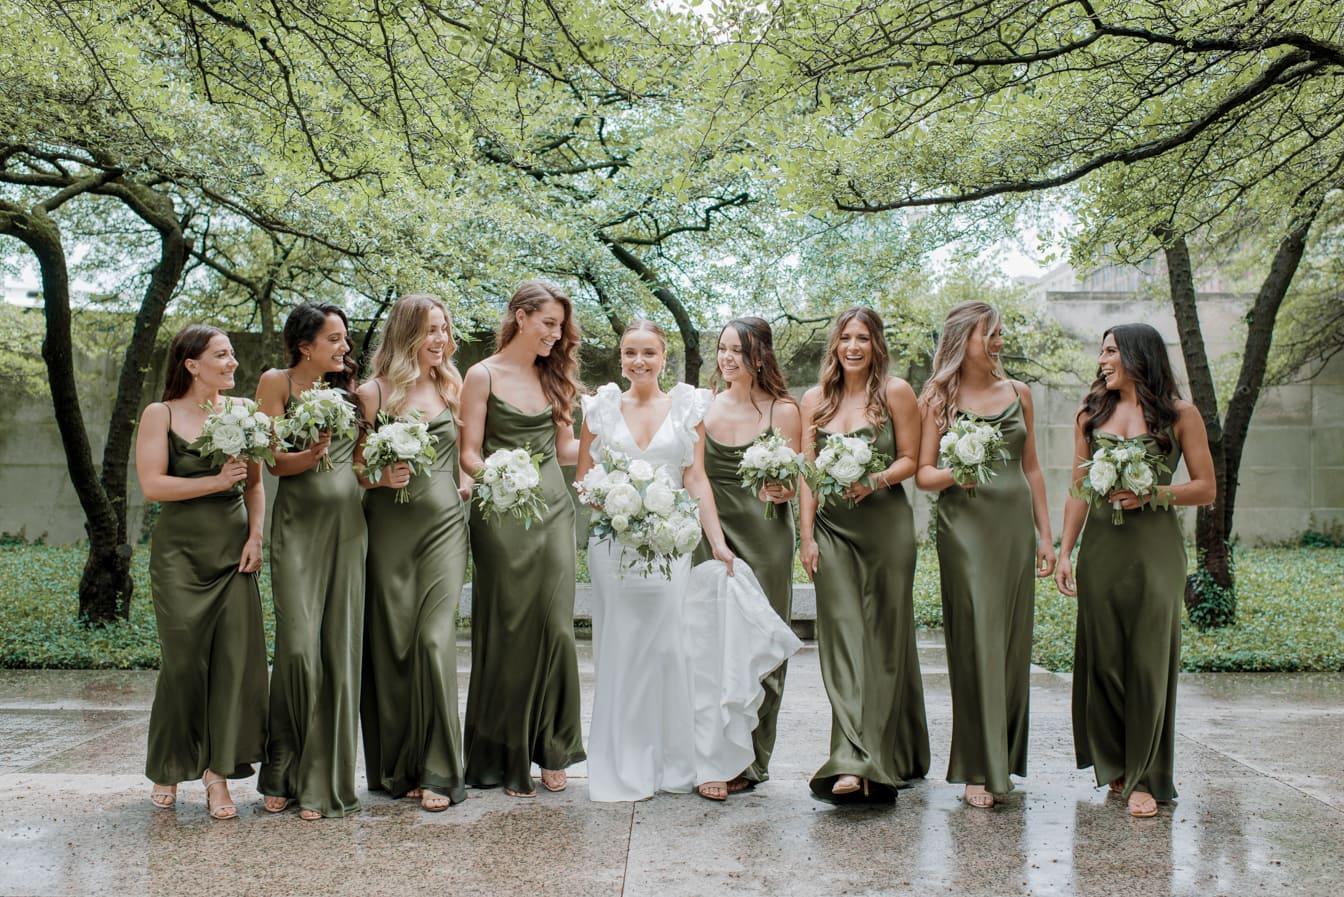 Bride walking with her bridesmaids at Chicago Art Institute Garden